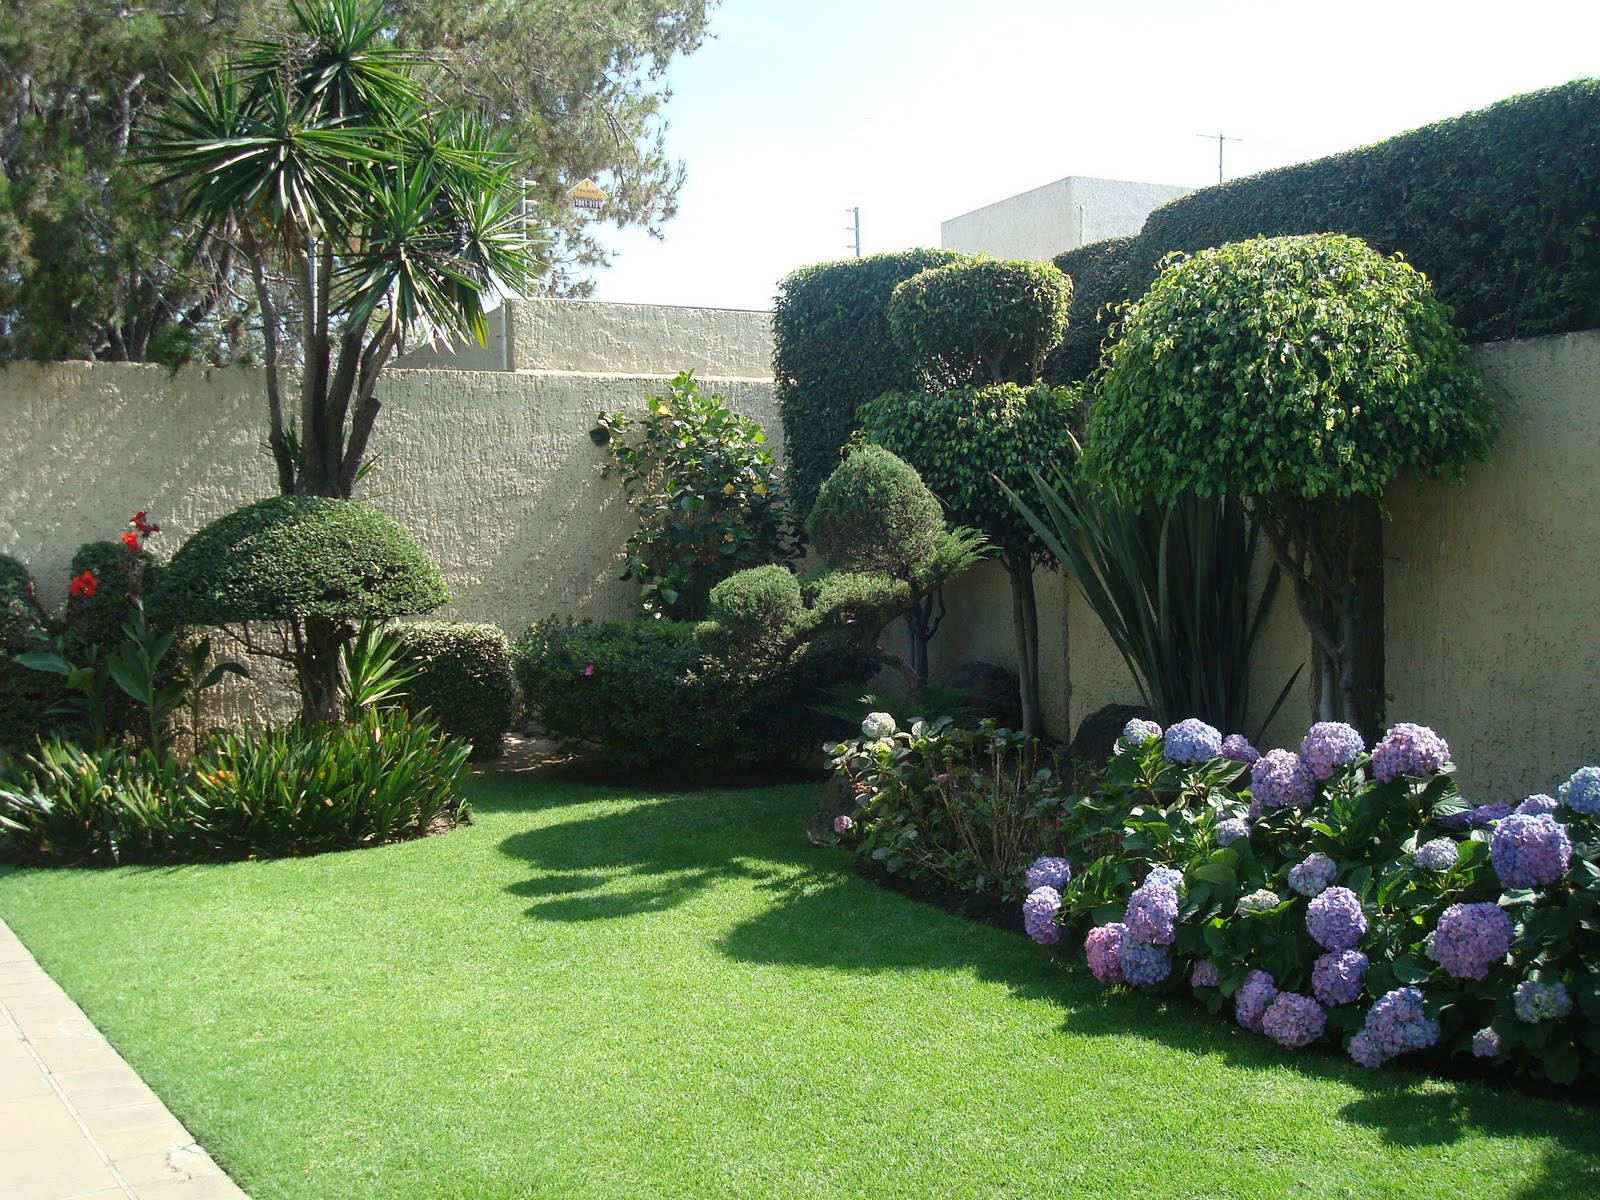 Sancarlosfortin flores de hortensias azules y jardin en paseos del prado - Cuidados de las hortensias ...